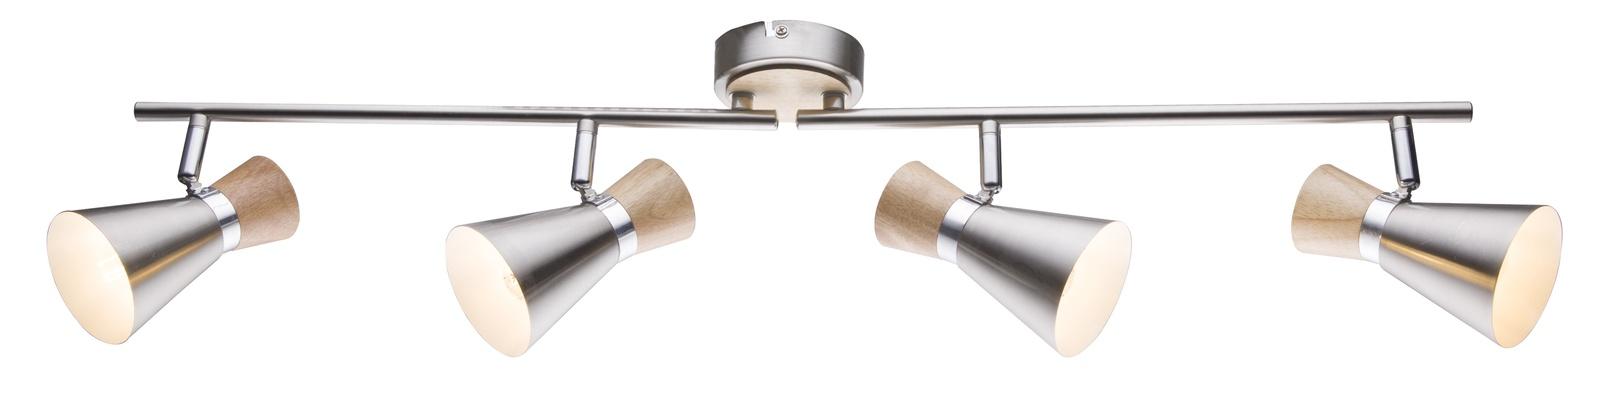 купить Настенно-потолочный светильник Настенно-потолочный светильник Aeron по цене 8040 рублей